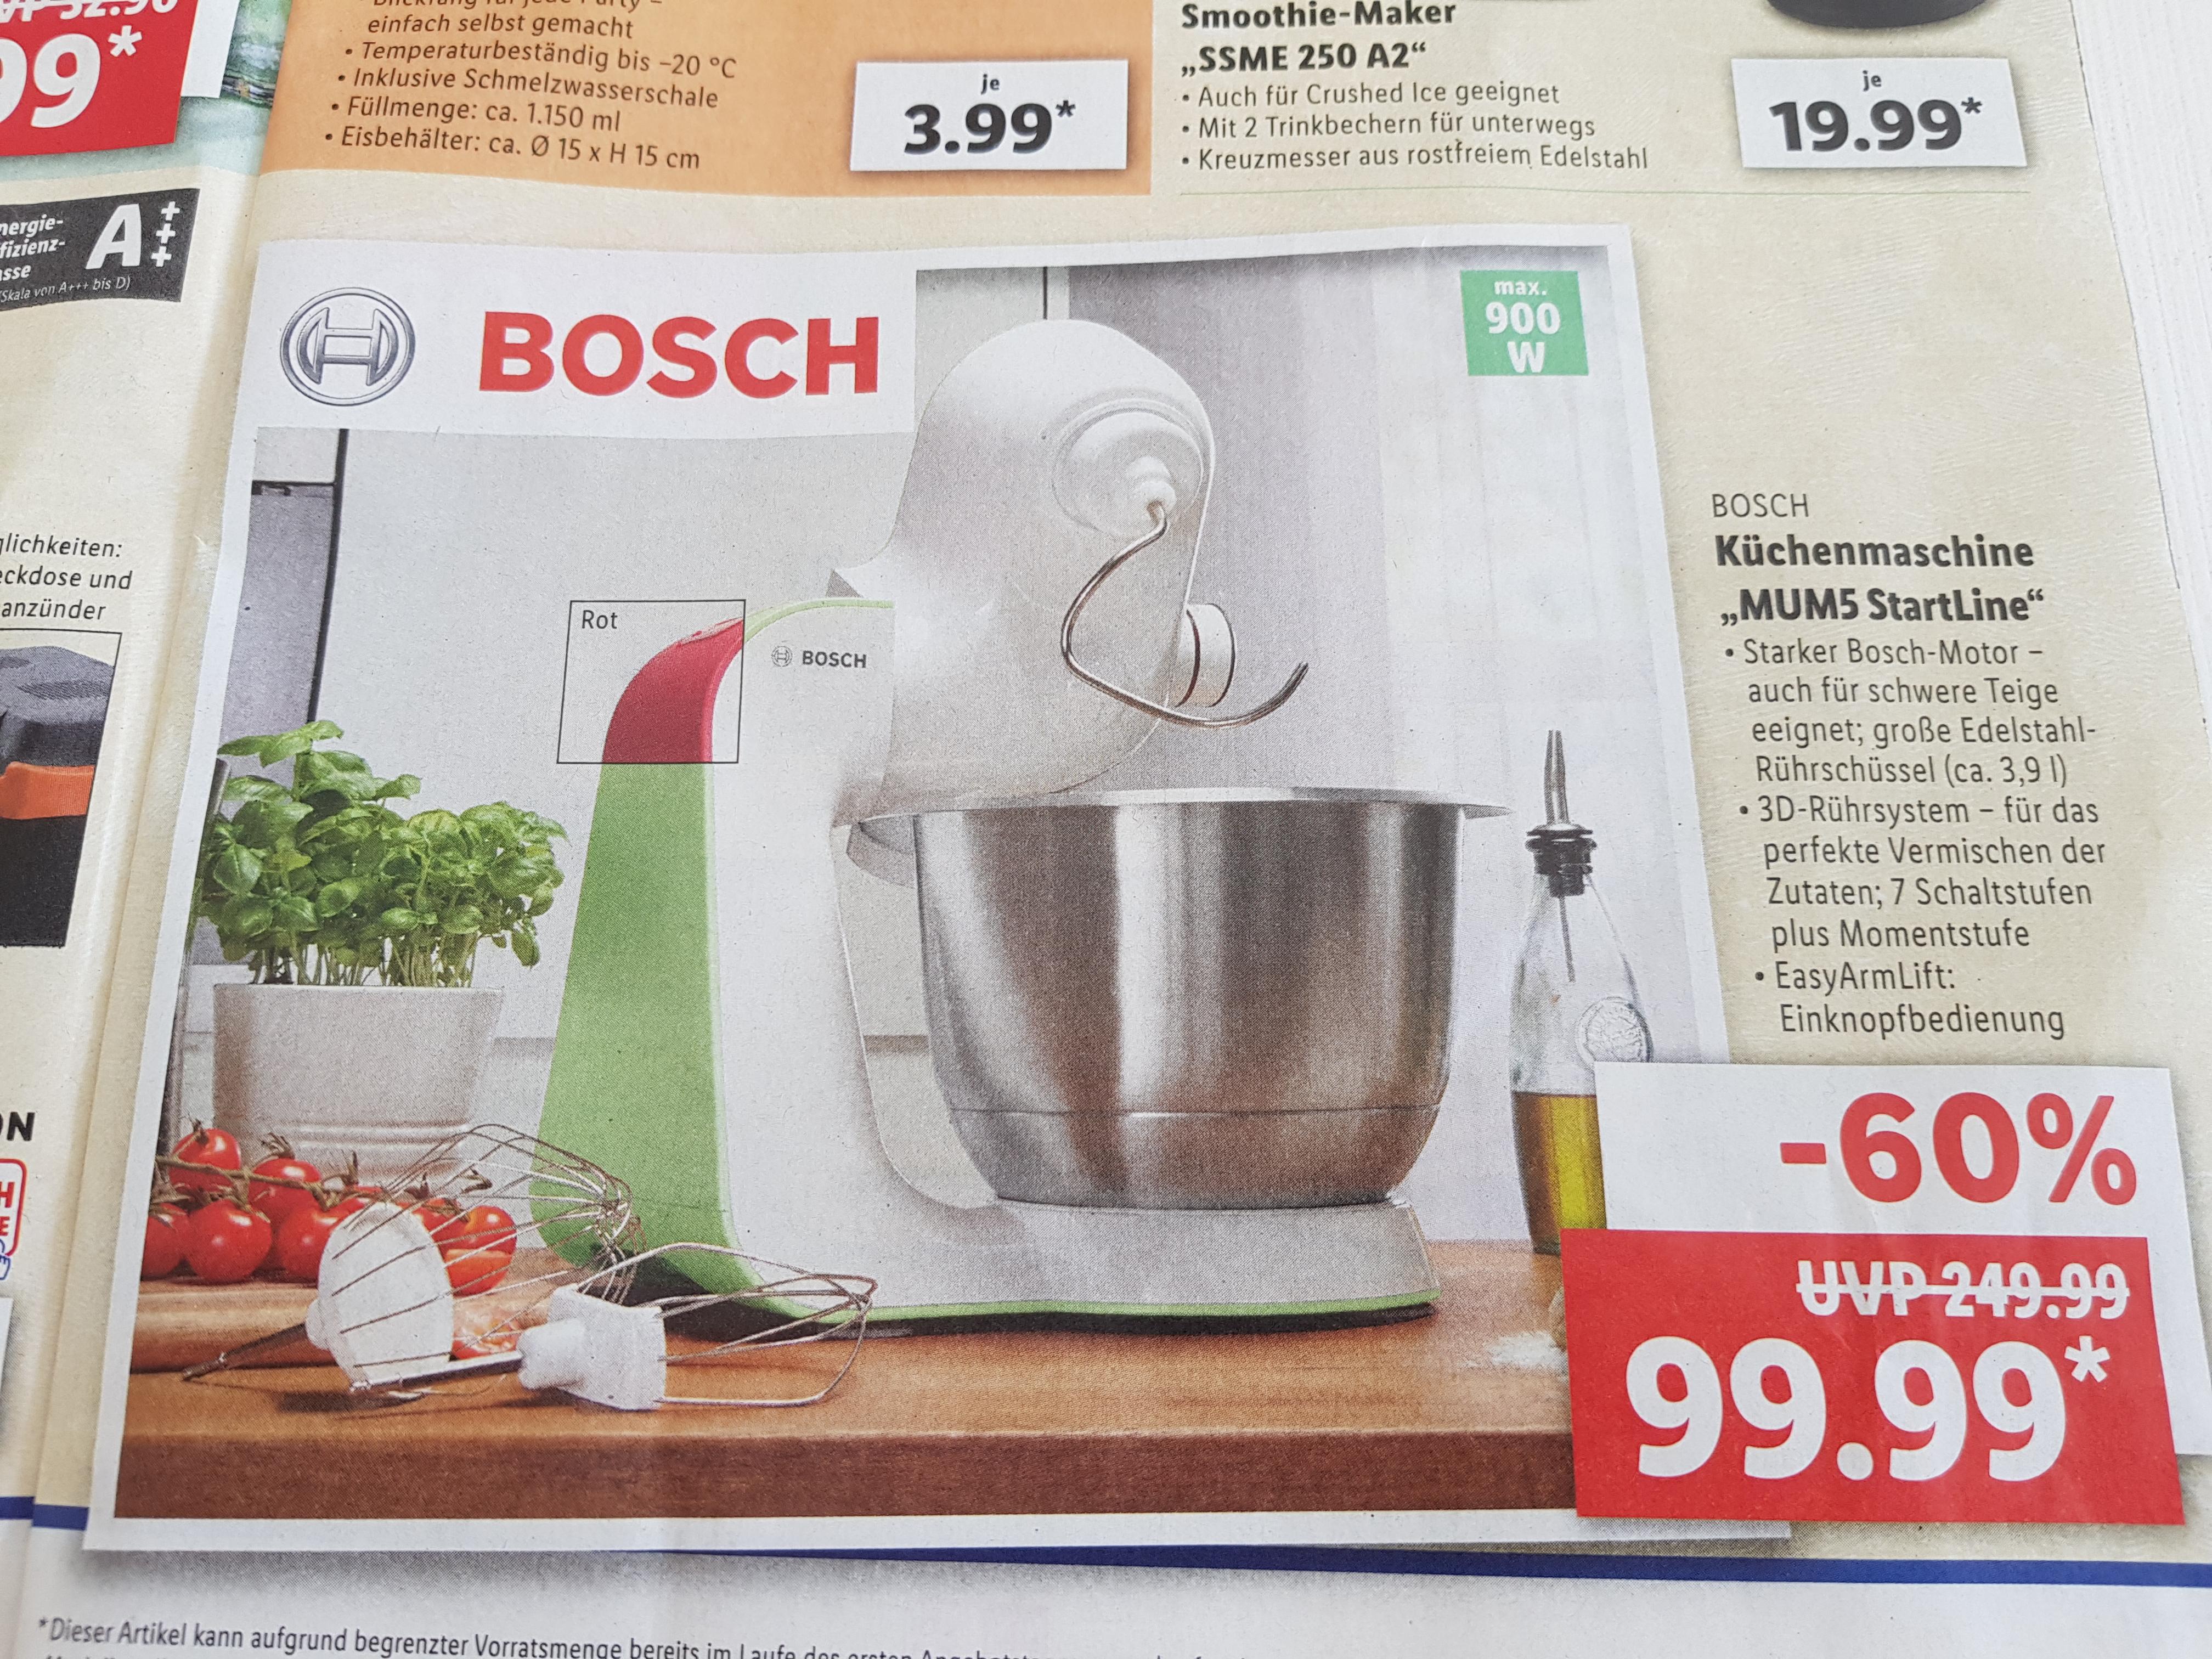 Bosch Küchenmaschine MUM5 StartLine